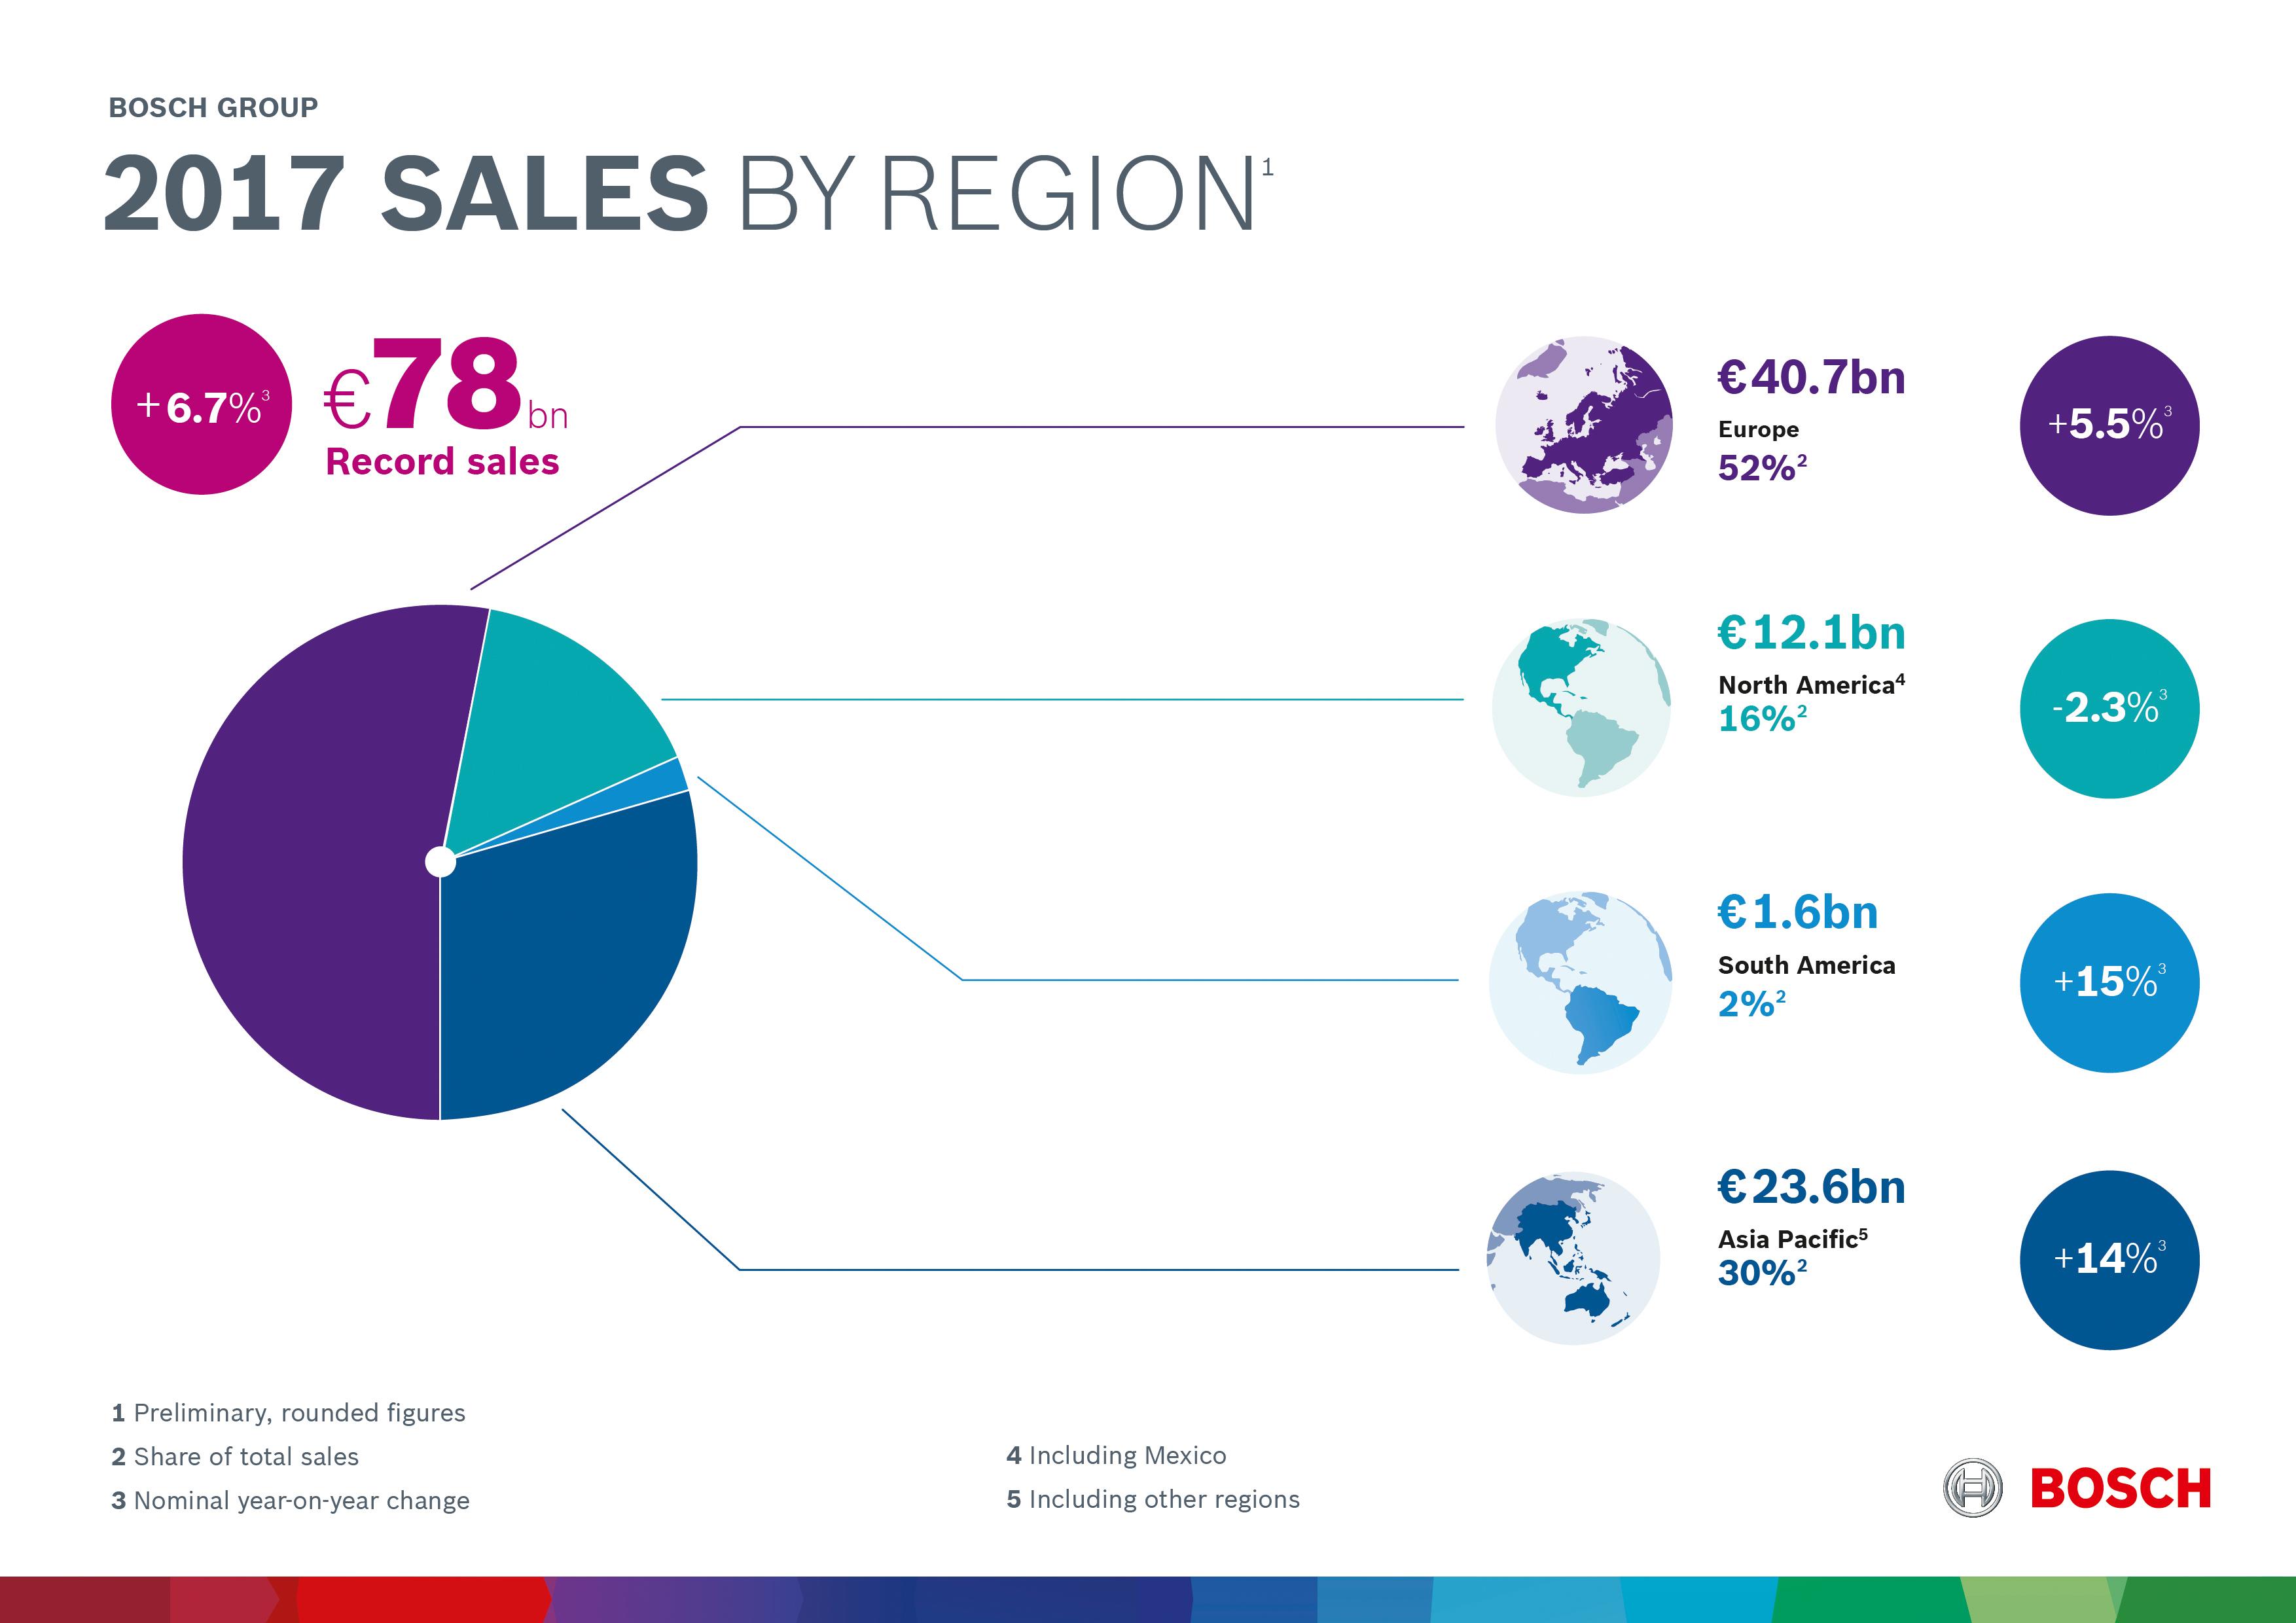 Business developments in 2017 by region